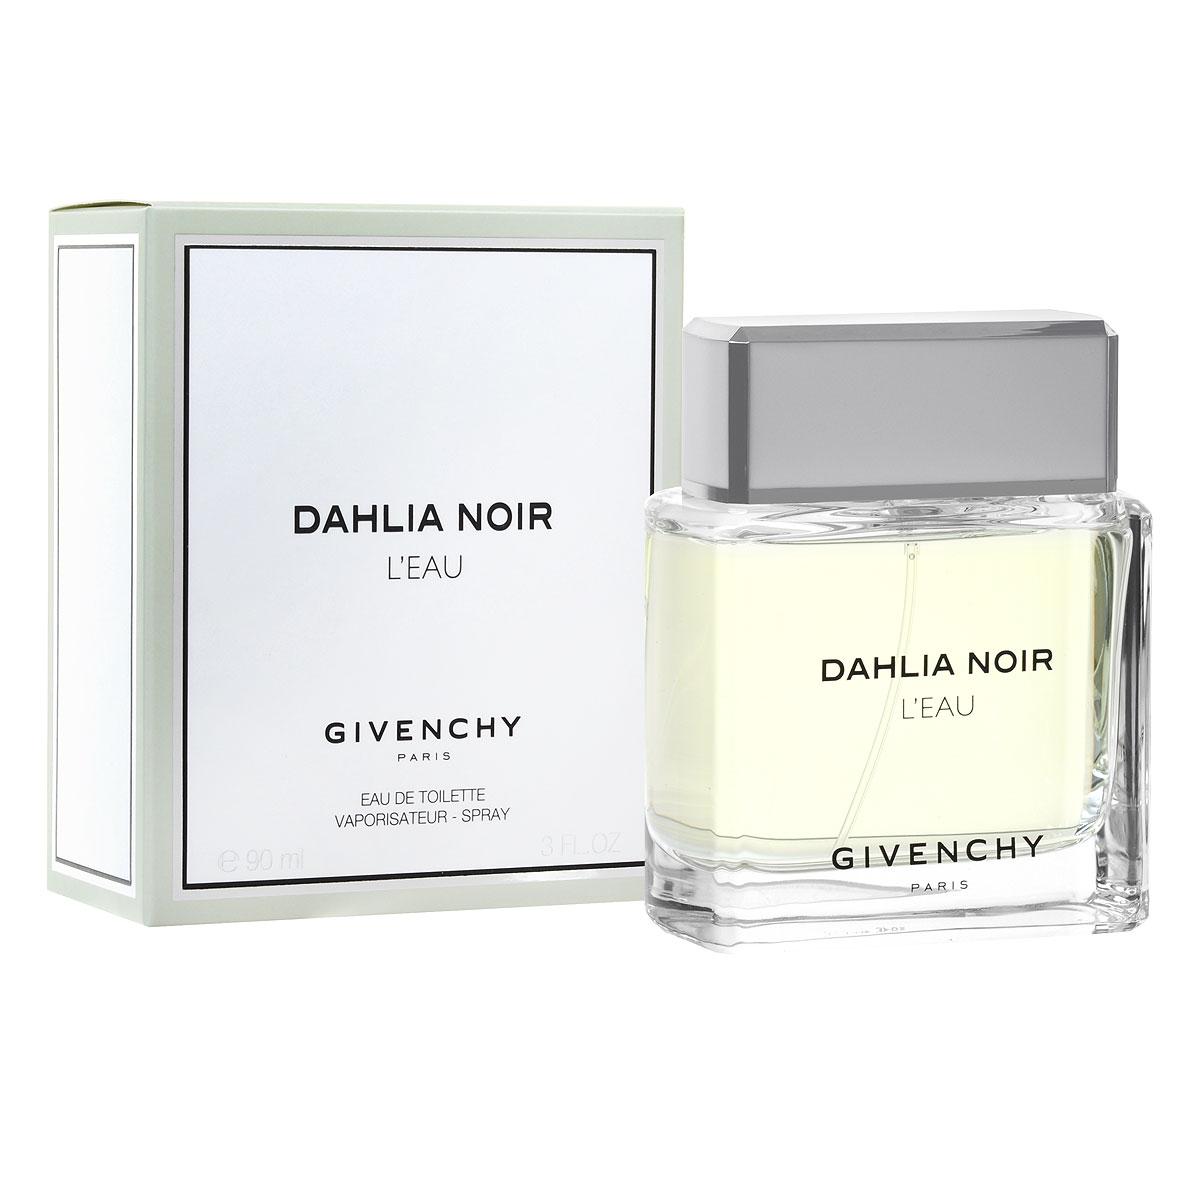 Givenchy Туалетная вода Dahlia Noir Leau, женская, 90 млP046292Аромат Dahlia Noir LEau от Givenchy таит в себе нежную чистоту и удивительную романтичность. Аромат очарует вас легкостью и женственностью своего звучания, подарит ощущение гармонии и счастья. Композиция аромата построена удивительно гармонично, каждая нота становится естественным продолжением предыдущей. Классификация аромата : шипровый, цветочный. Пирамида аромата : Верхние ноты: цитрусовые, нероли. Ноты сердца: роза. Ноты шлейфа: пачули, белый кедр, мускус. Ключевые слова Чистый, женственный, нежный. Туалетная вода - один из самых популярных видов парфюмерной продукции. Туалетная вода содержит 4-10% парфюмерного экстракта. Главные достоинства данного типа продукции заключаются в доступной цене, разнообразии форматов (как правило, 30, 50, 75, 100 мл), удобстве использования (чаще всего - спрей). Идеальна для дневного использования. ...